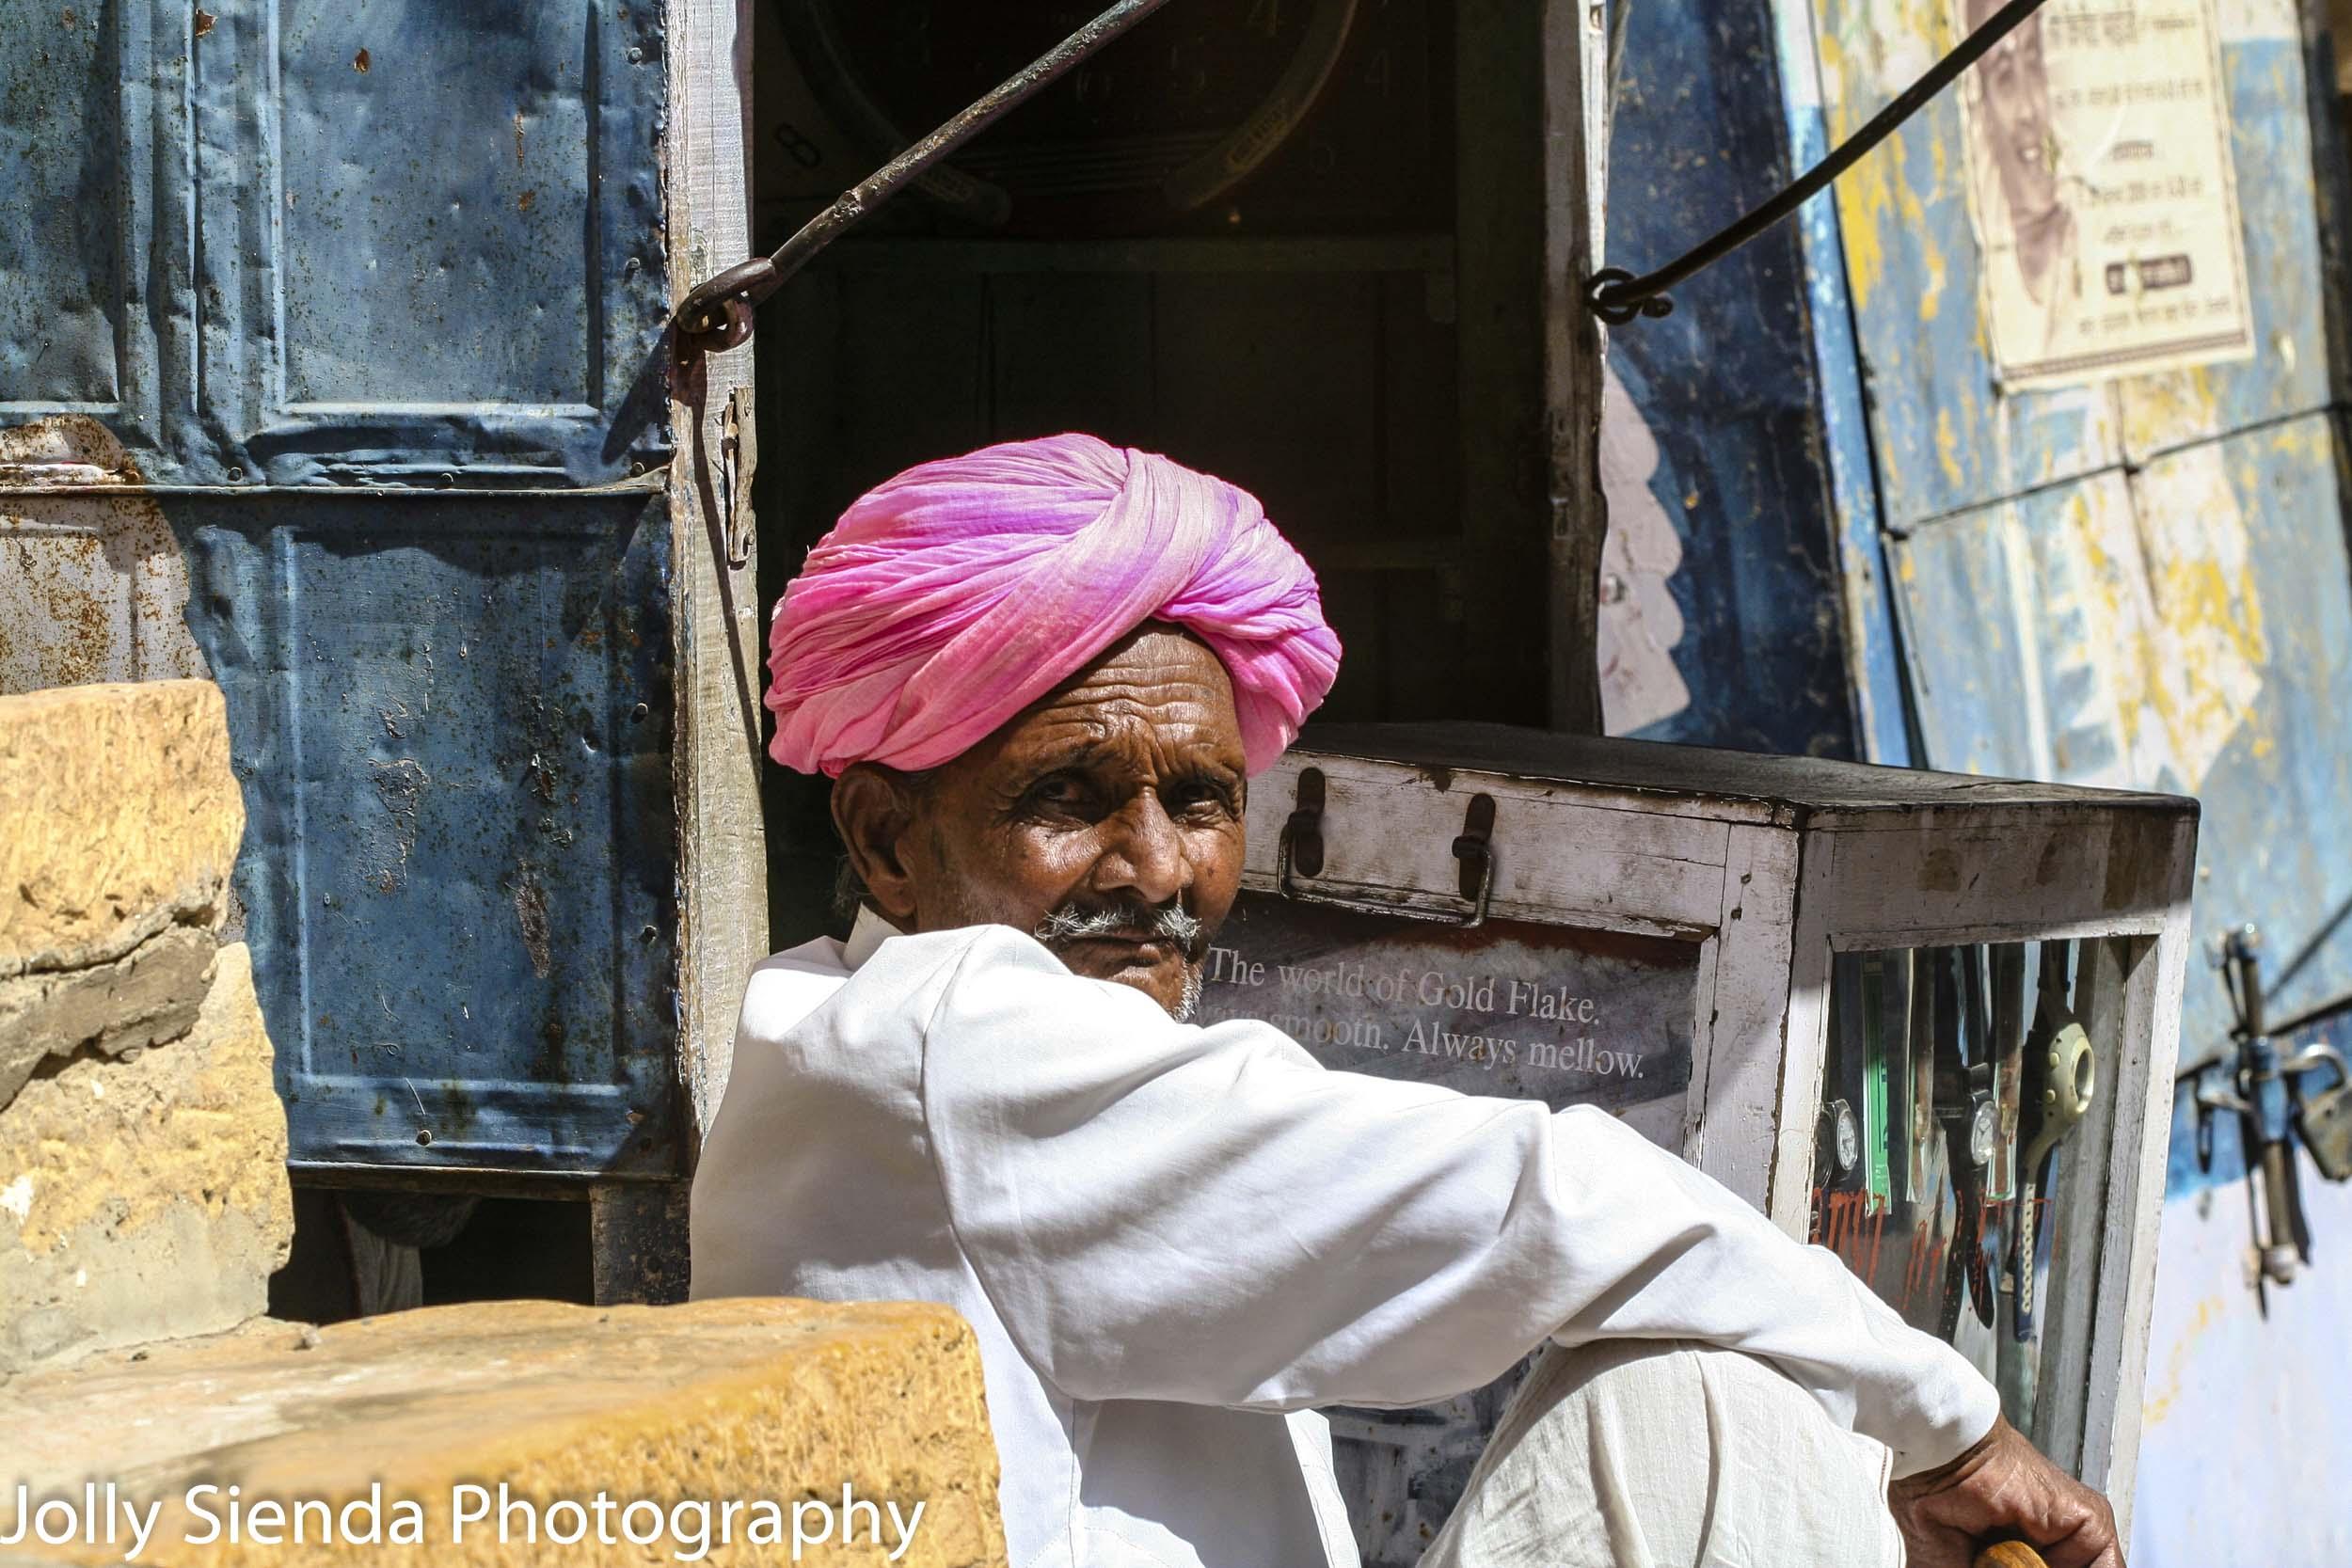 Man sitting wearing a pink turban